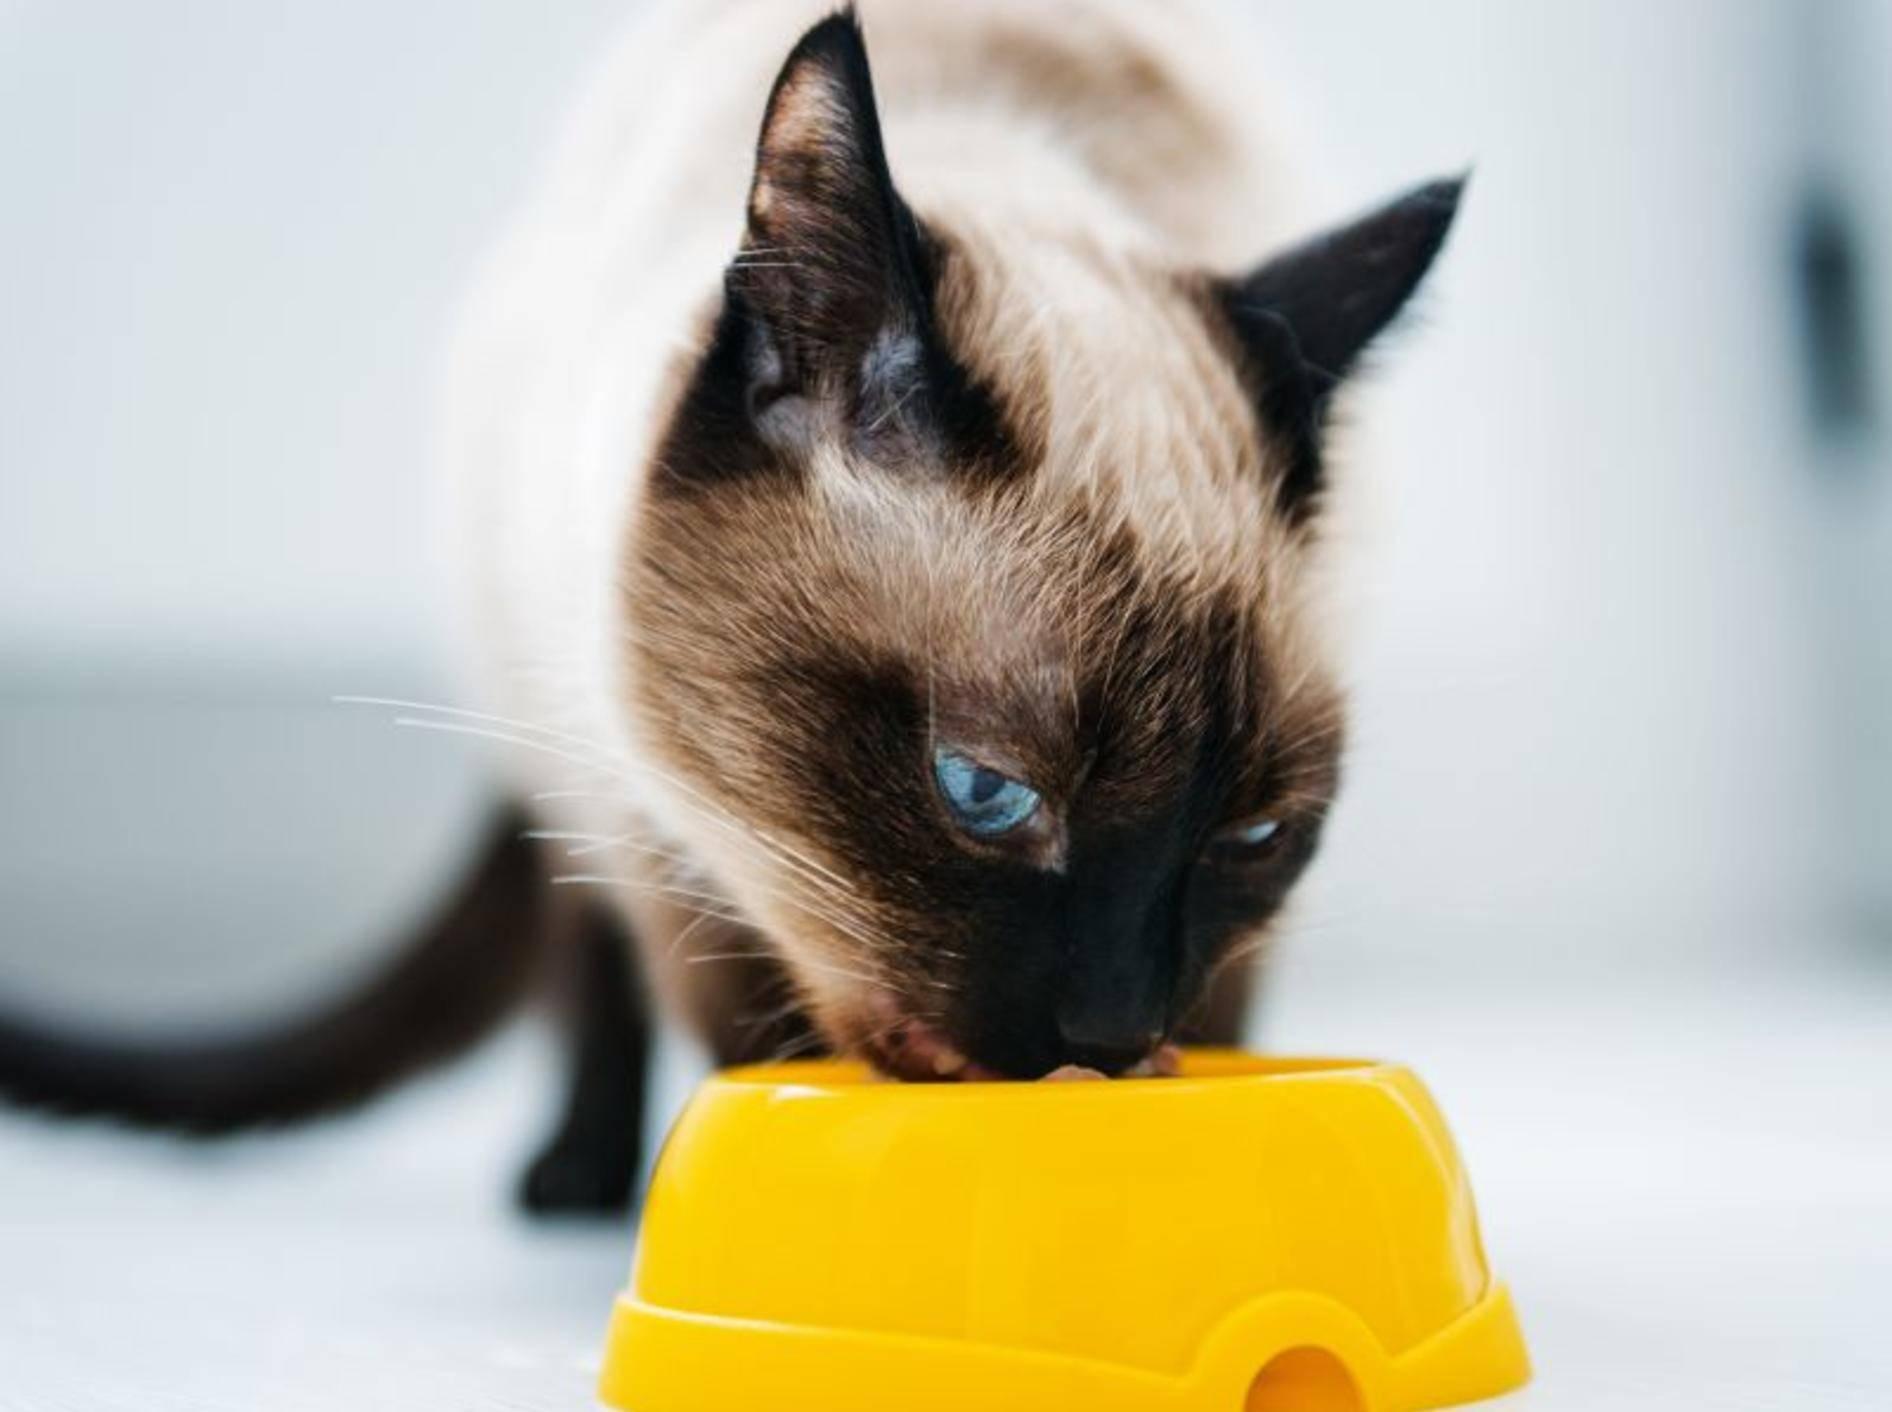 Bio-Futter für Katzen soll nicht nur hochwertig sein sondern auch gut schmecken — Bild: Shutterstock / Valerie Potapova